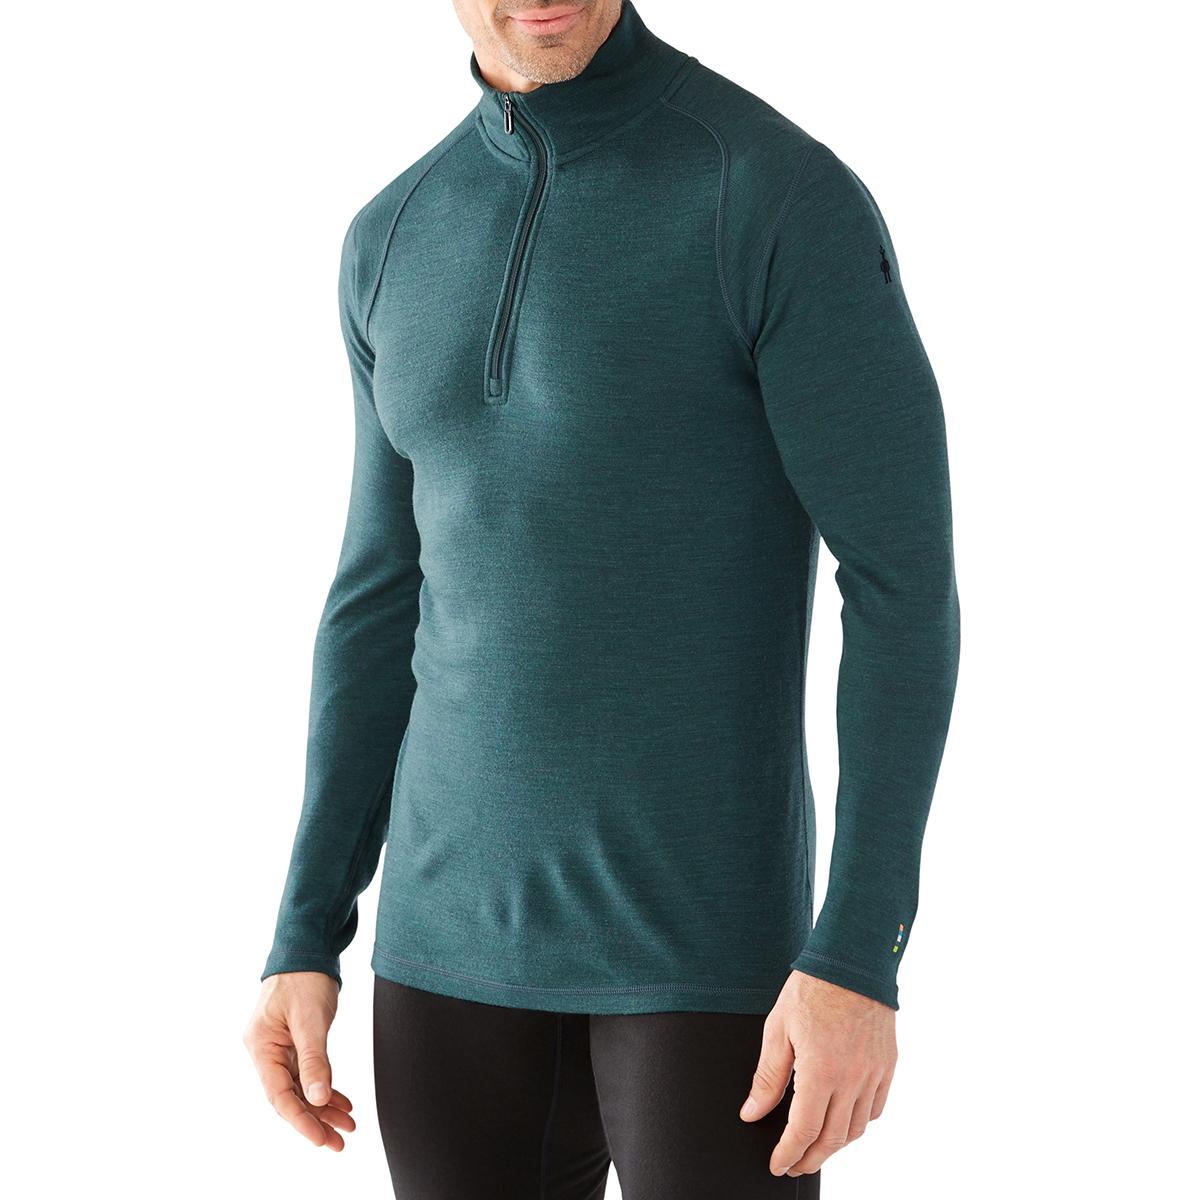 Smartwool Men's Nts Mid 250 Zip T - Green, S